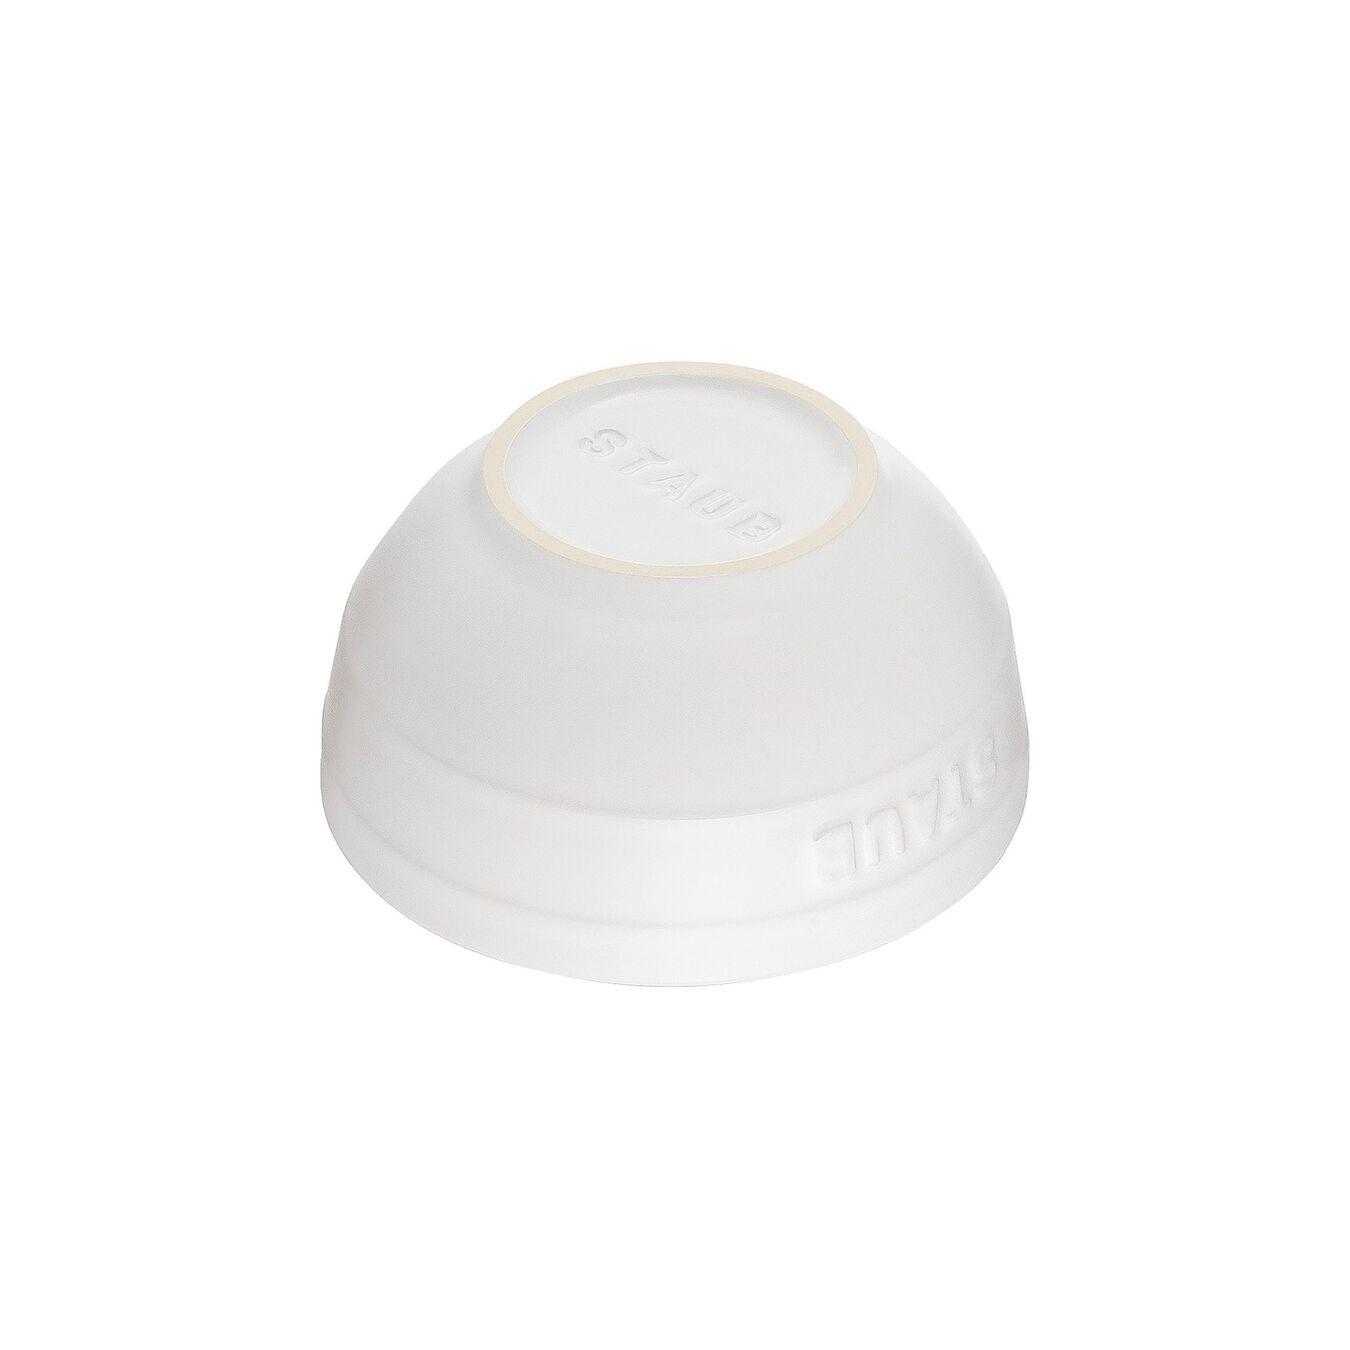 Ciotola rotonda - 12 cm, Colore bianco puro,,large 2